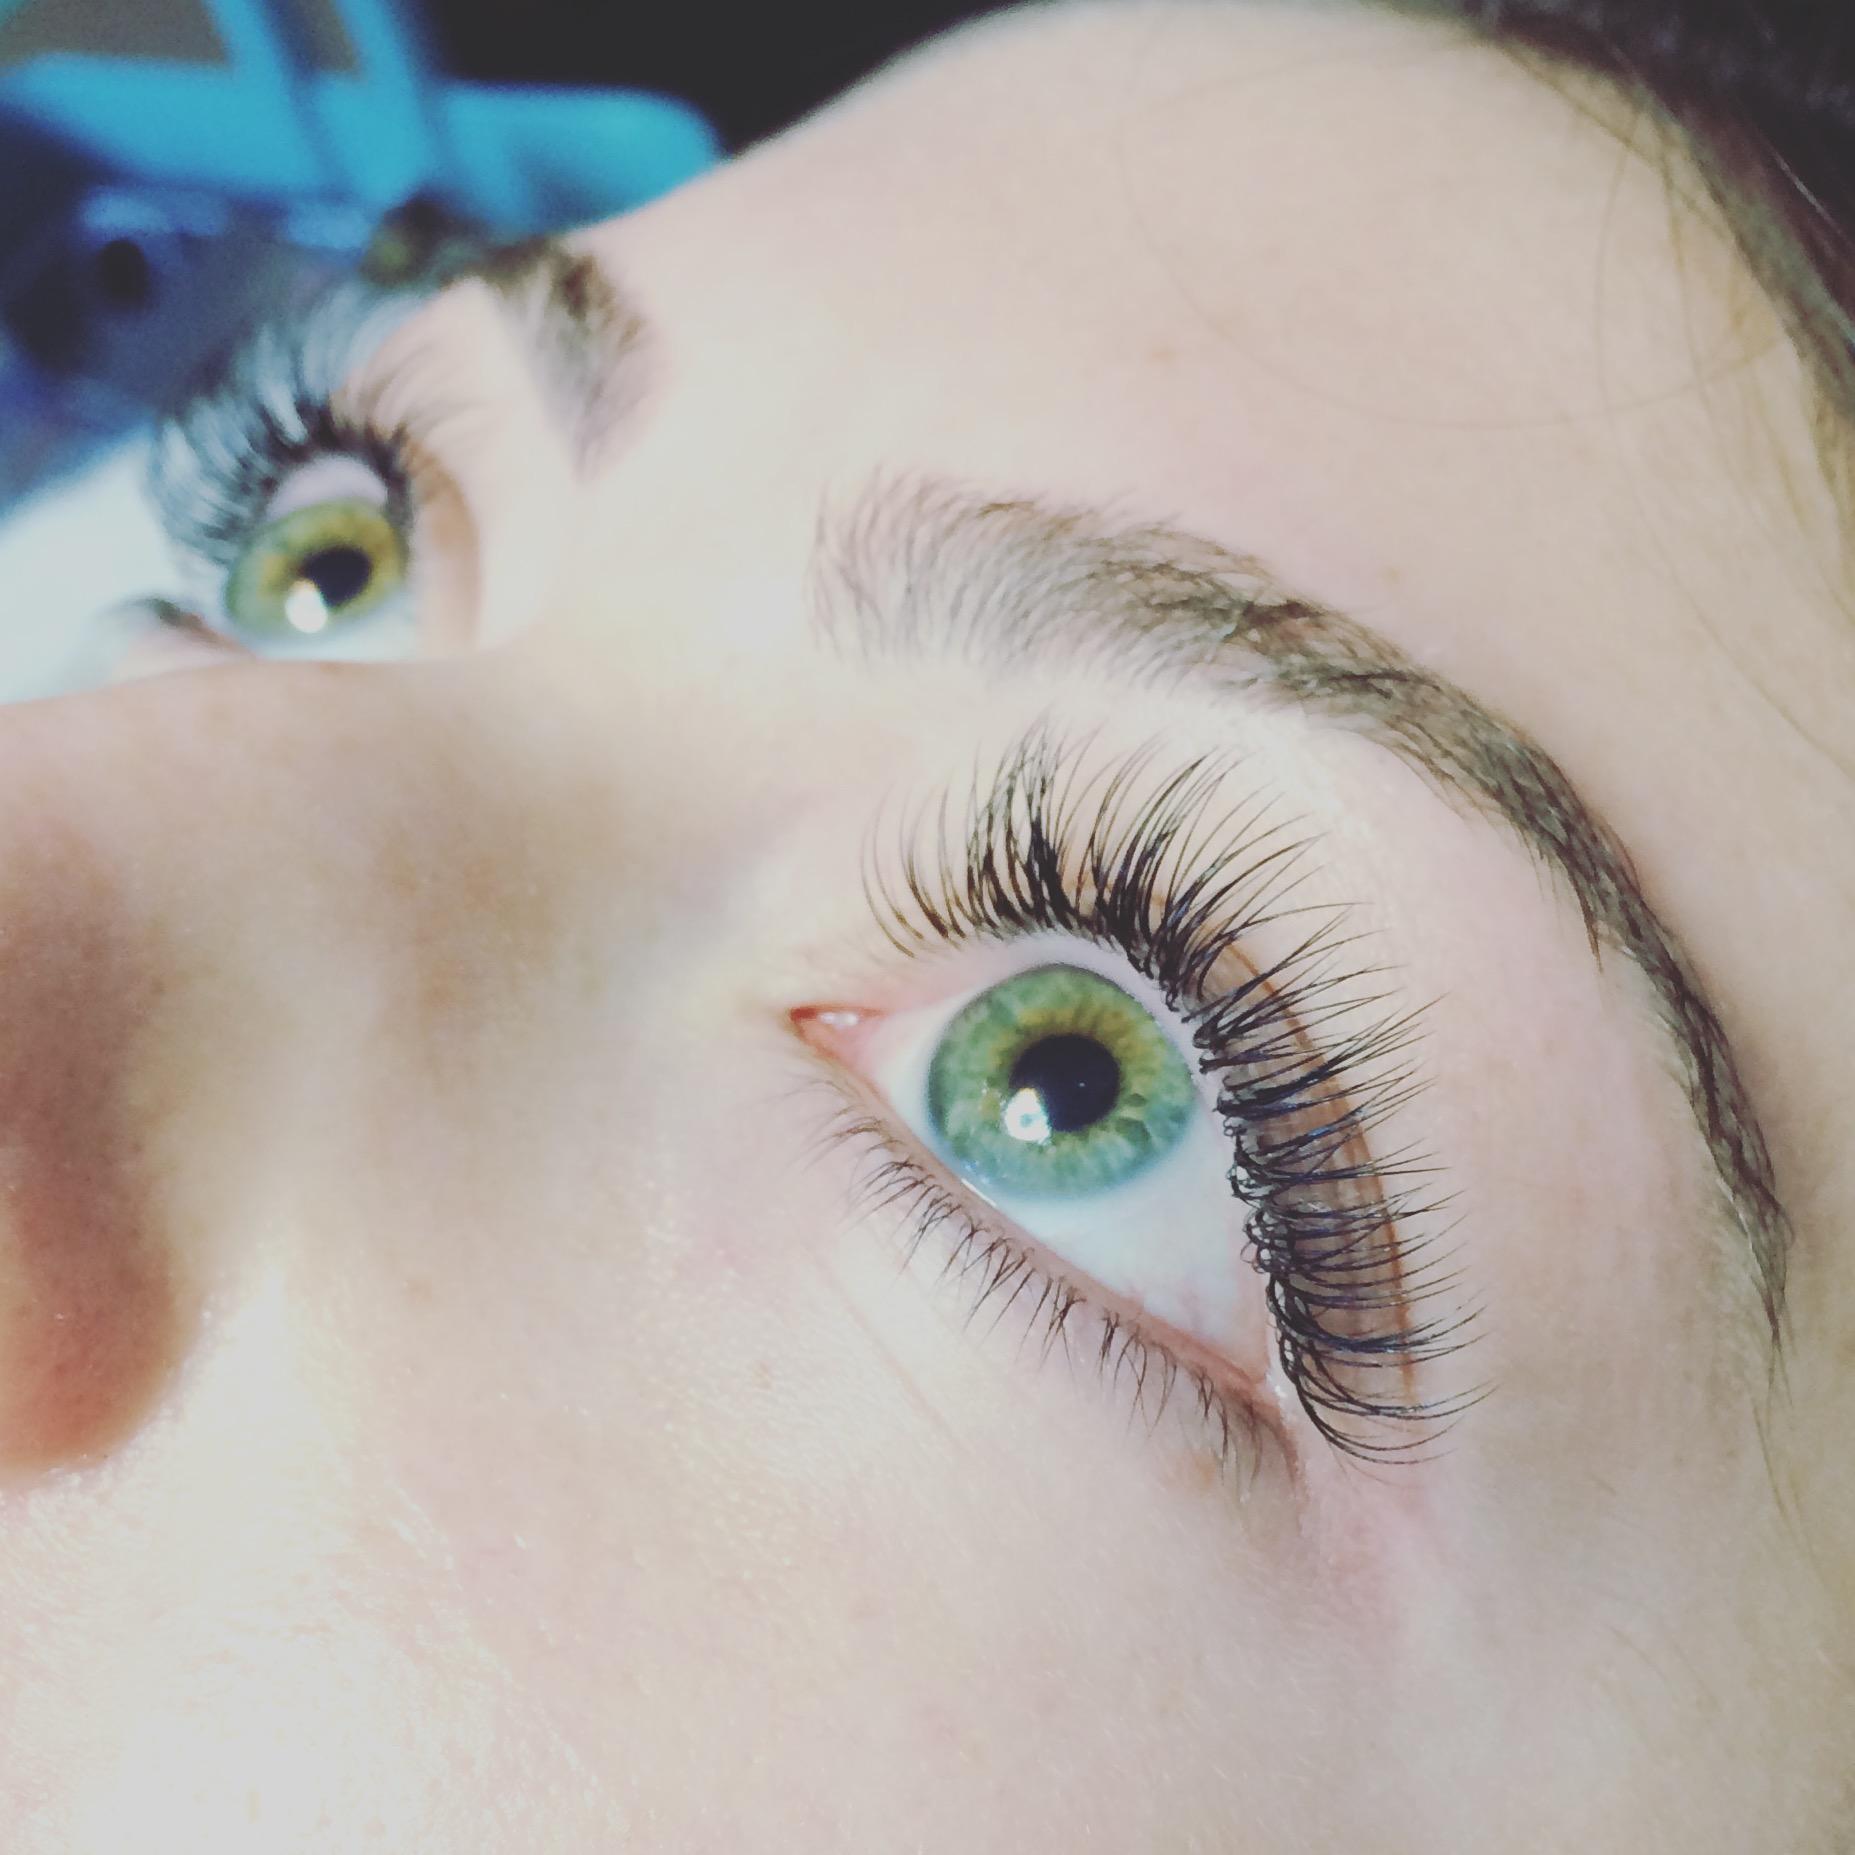 Classic eyelash entensions